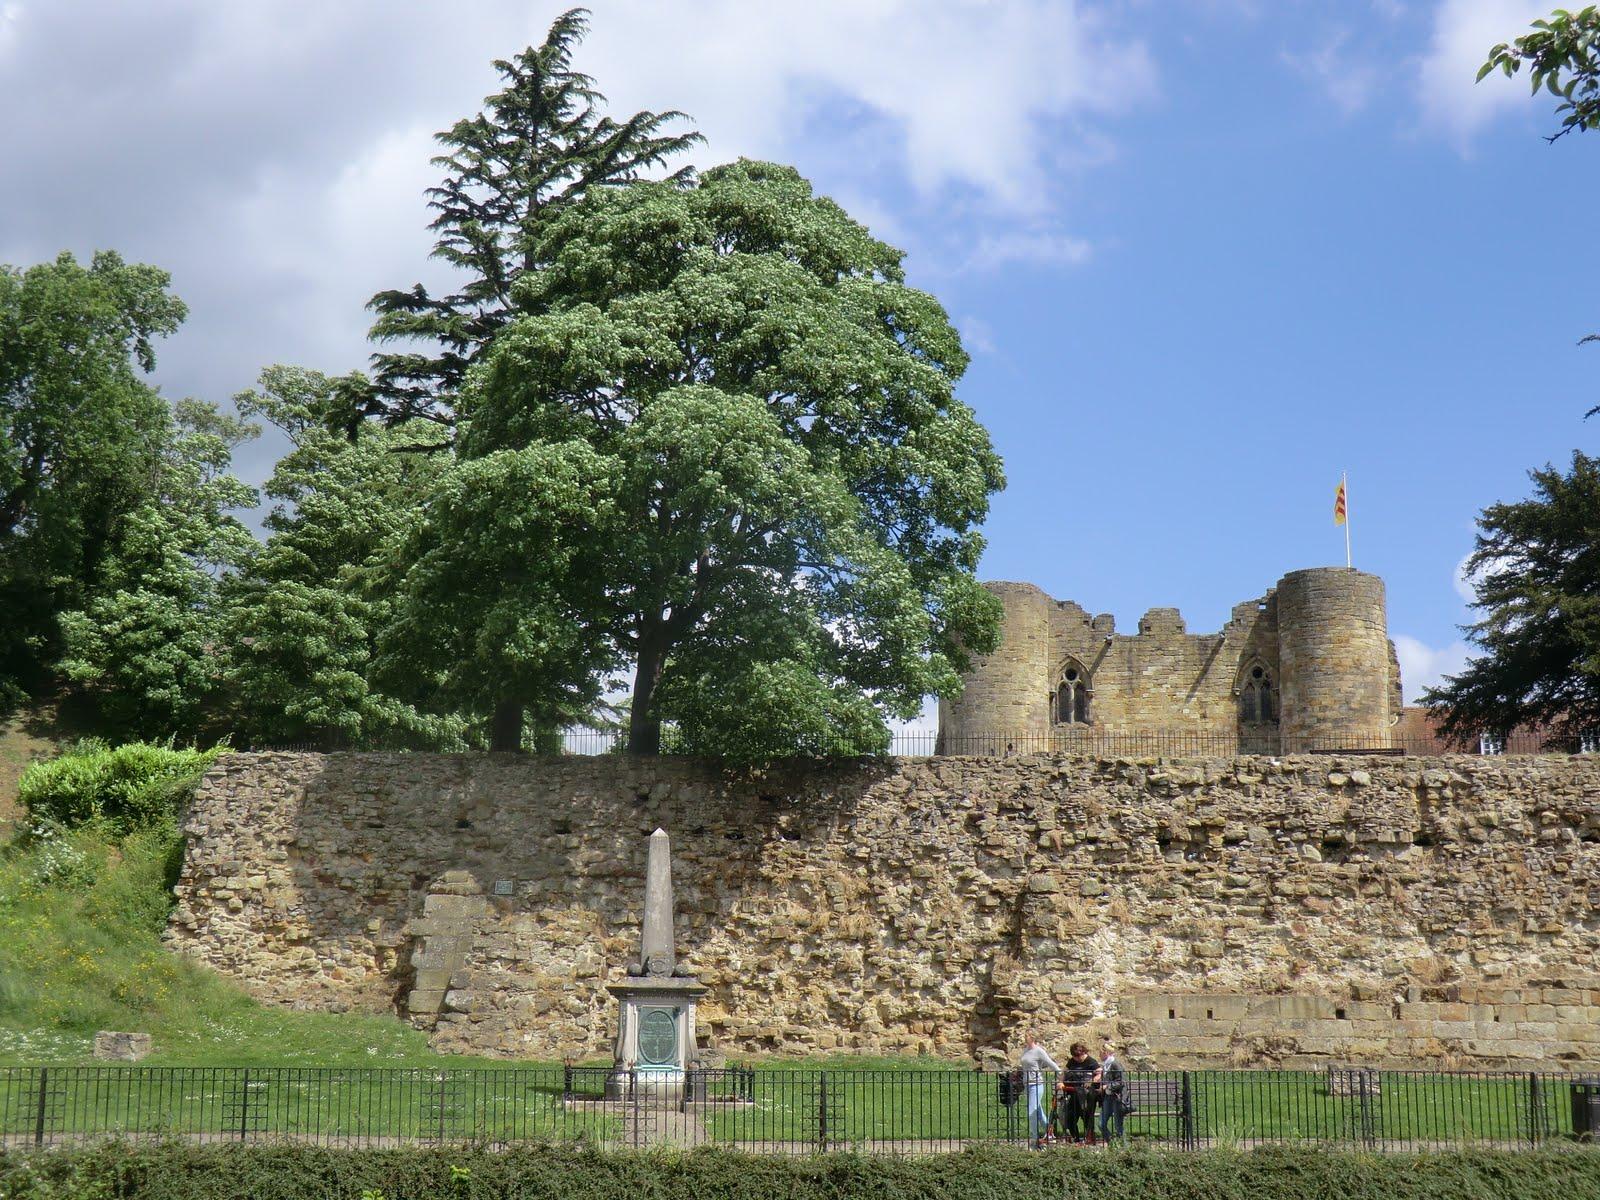 CIMG1502 Tonbridge Castle